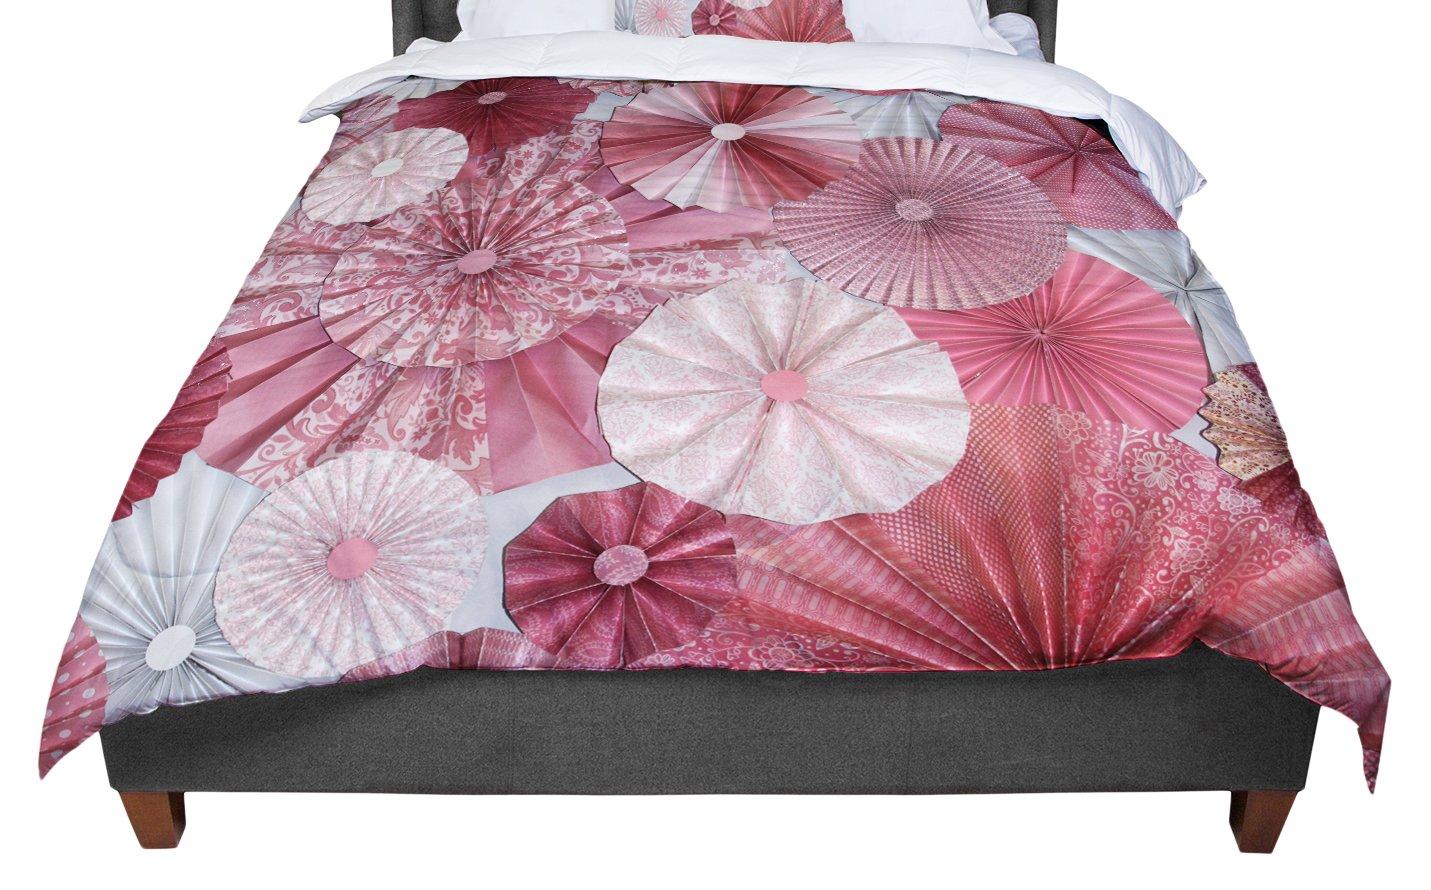 KESS InHouse Heidi Jennings Lovesick Pink Twin Comforter 68 X 88